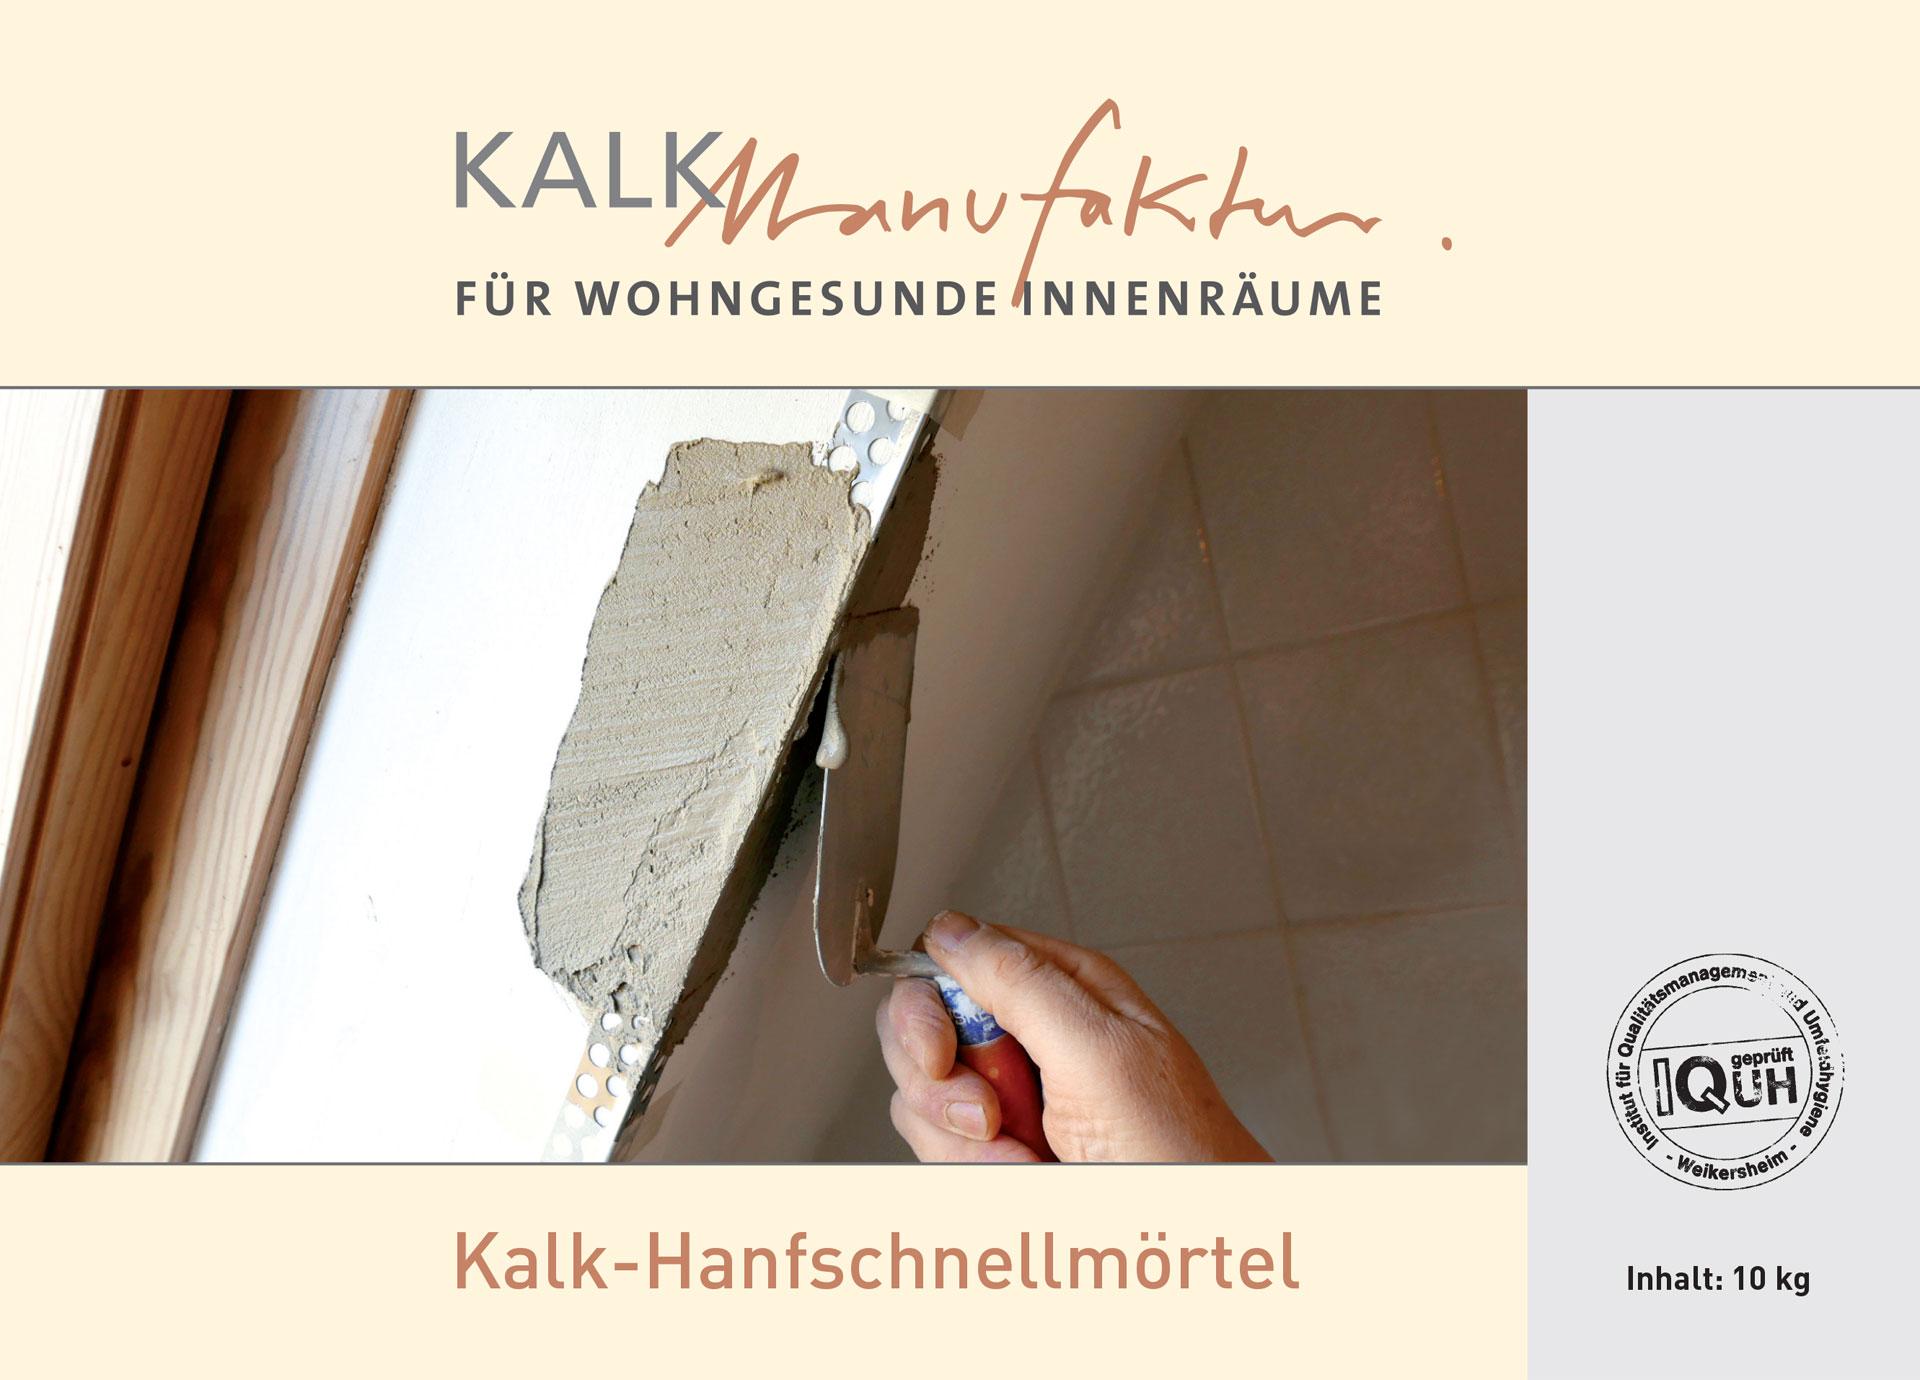 Kalkmanufaktur Kalk-Hanfschnellmörtel